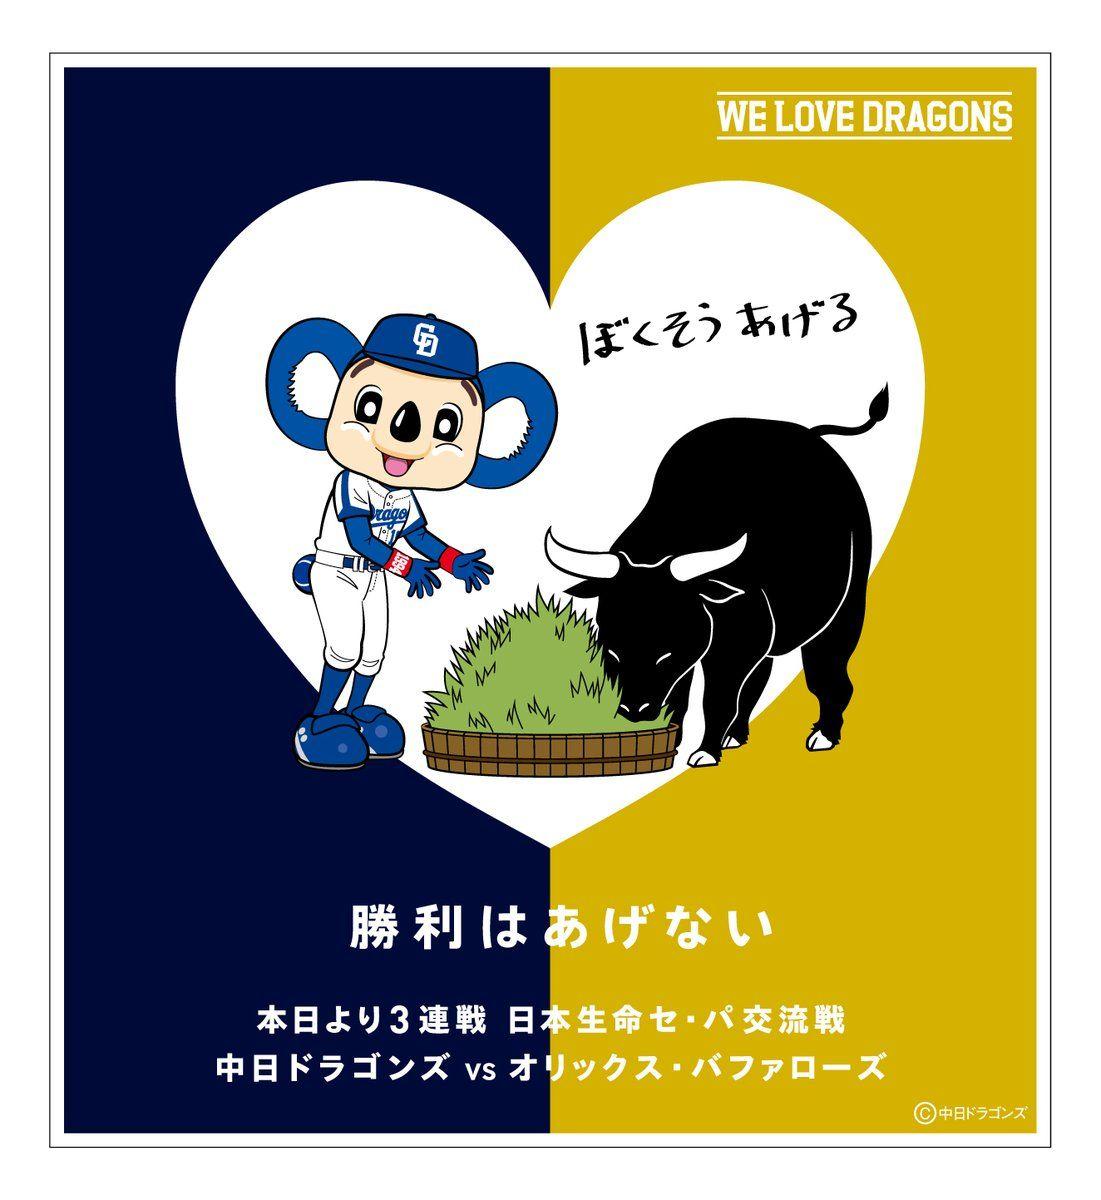 中日新聞ドラゴンズショップさんのツイート 今年もやります 本日の